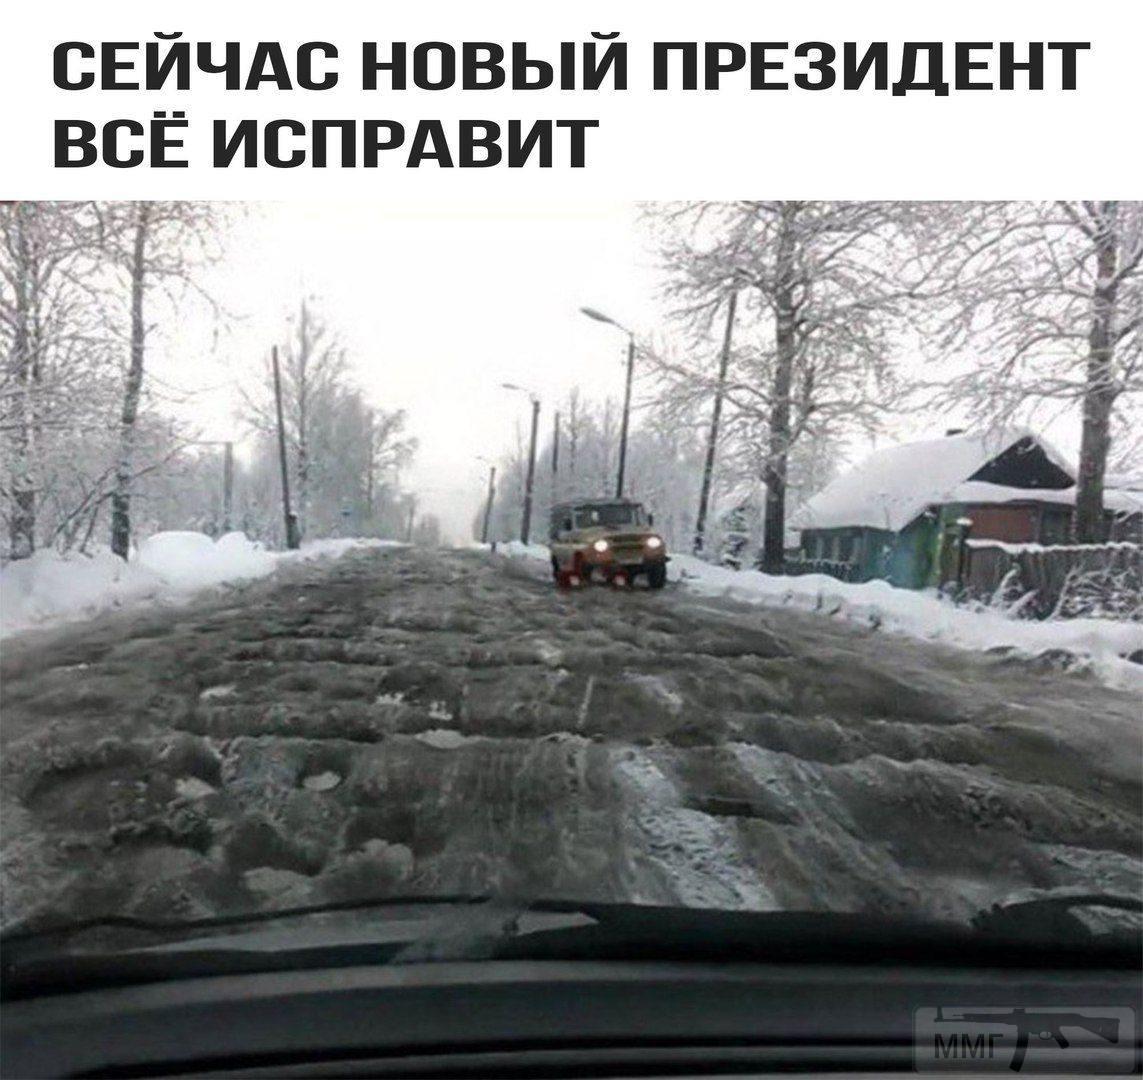 24056 - А в России чудеса!